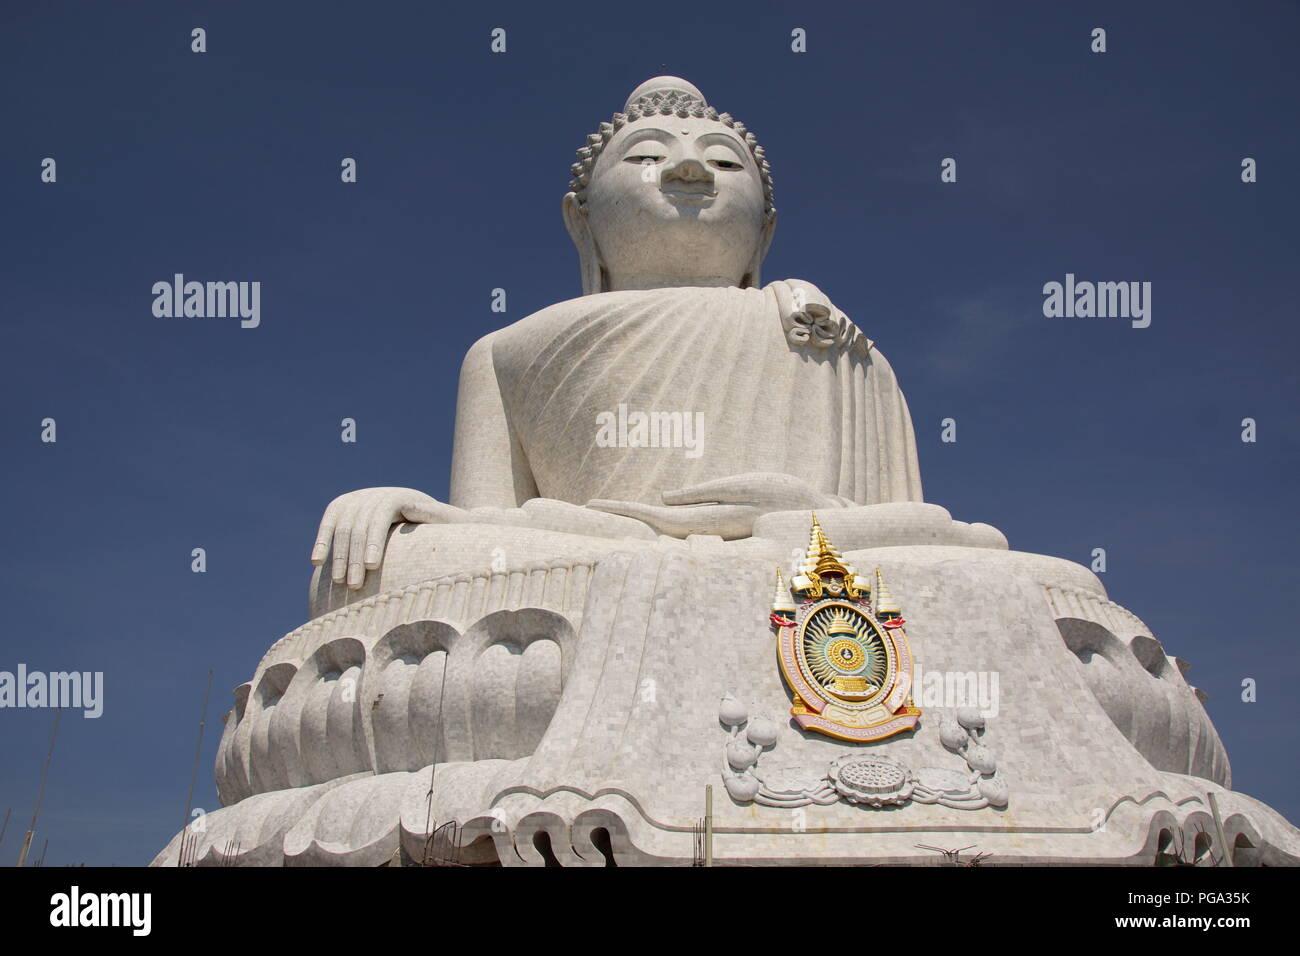 The Big Buddha on Phuket, Thailand Stock Photo